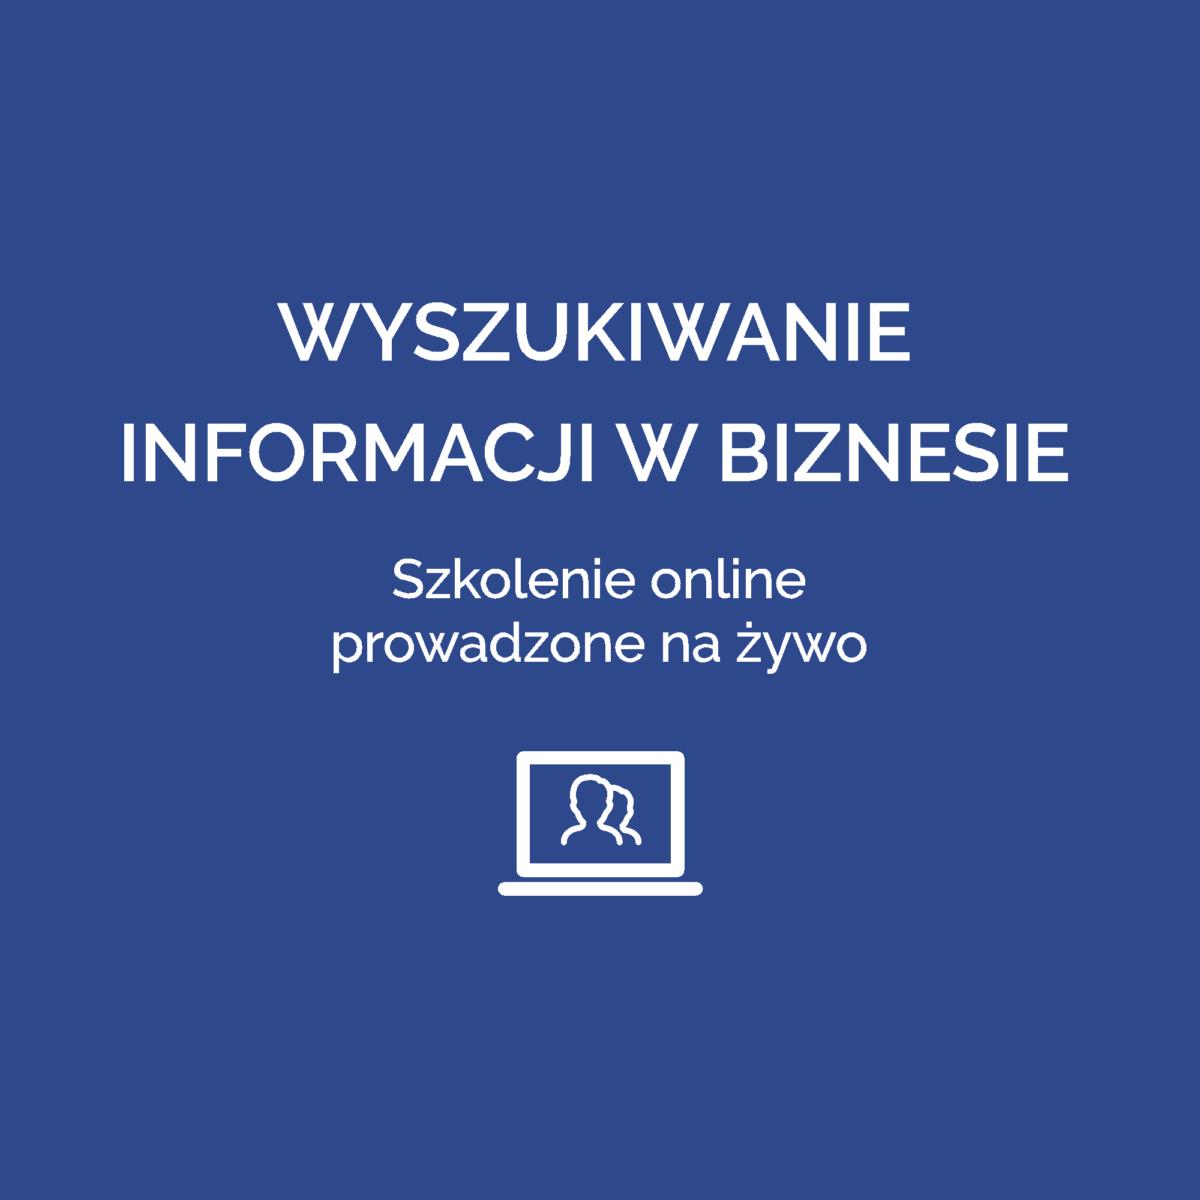 Wyszukiwanie informacji w biznesie - Szkolenie online prowadzone na żywo